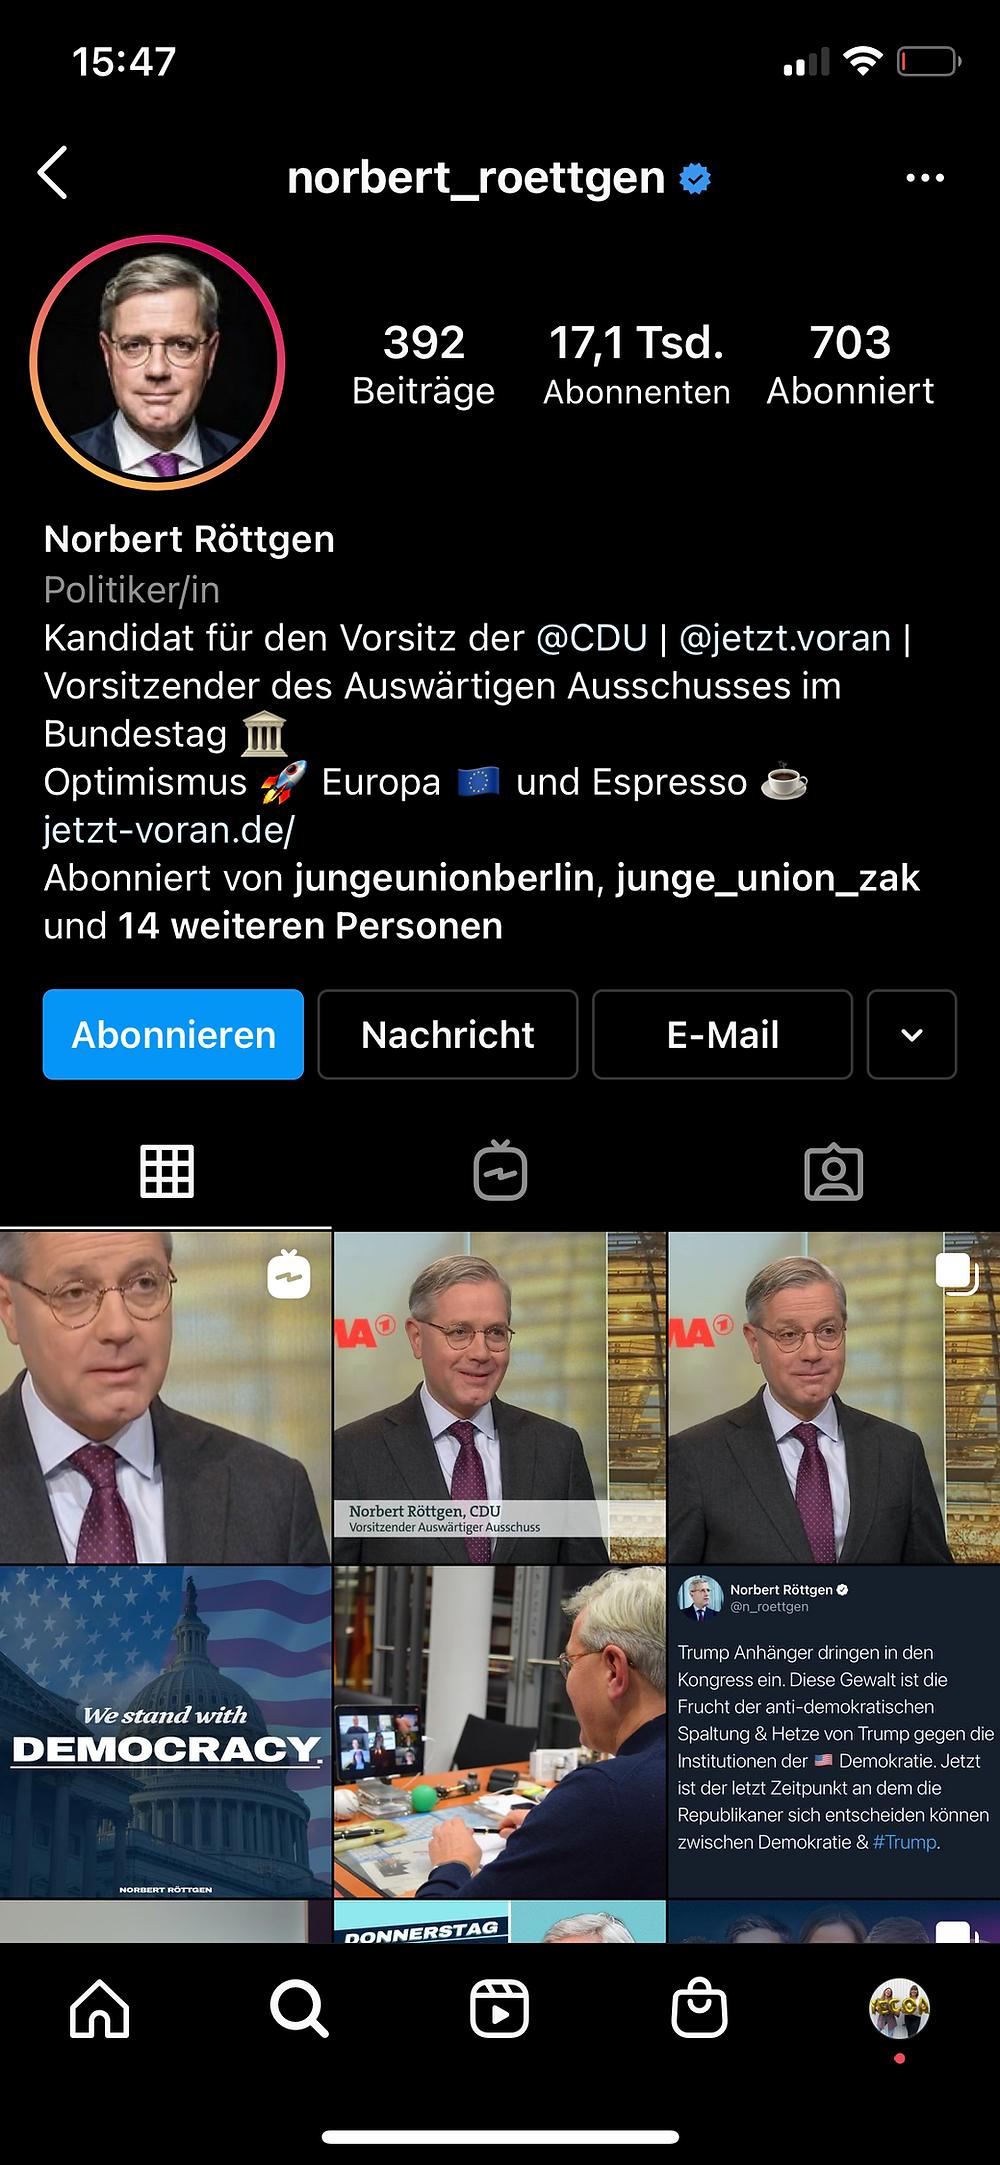 Screenshot von Norbert Roettgens Instagram Profil